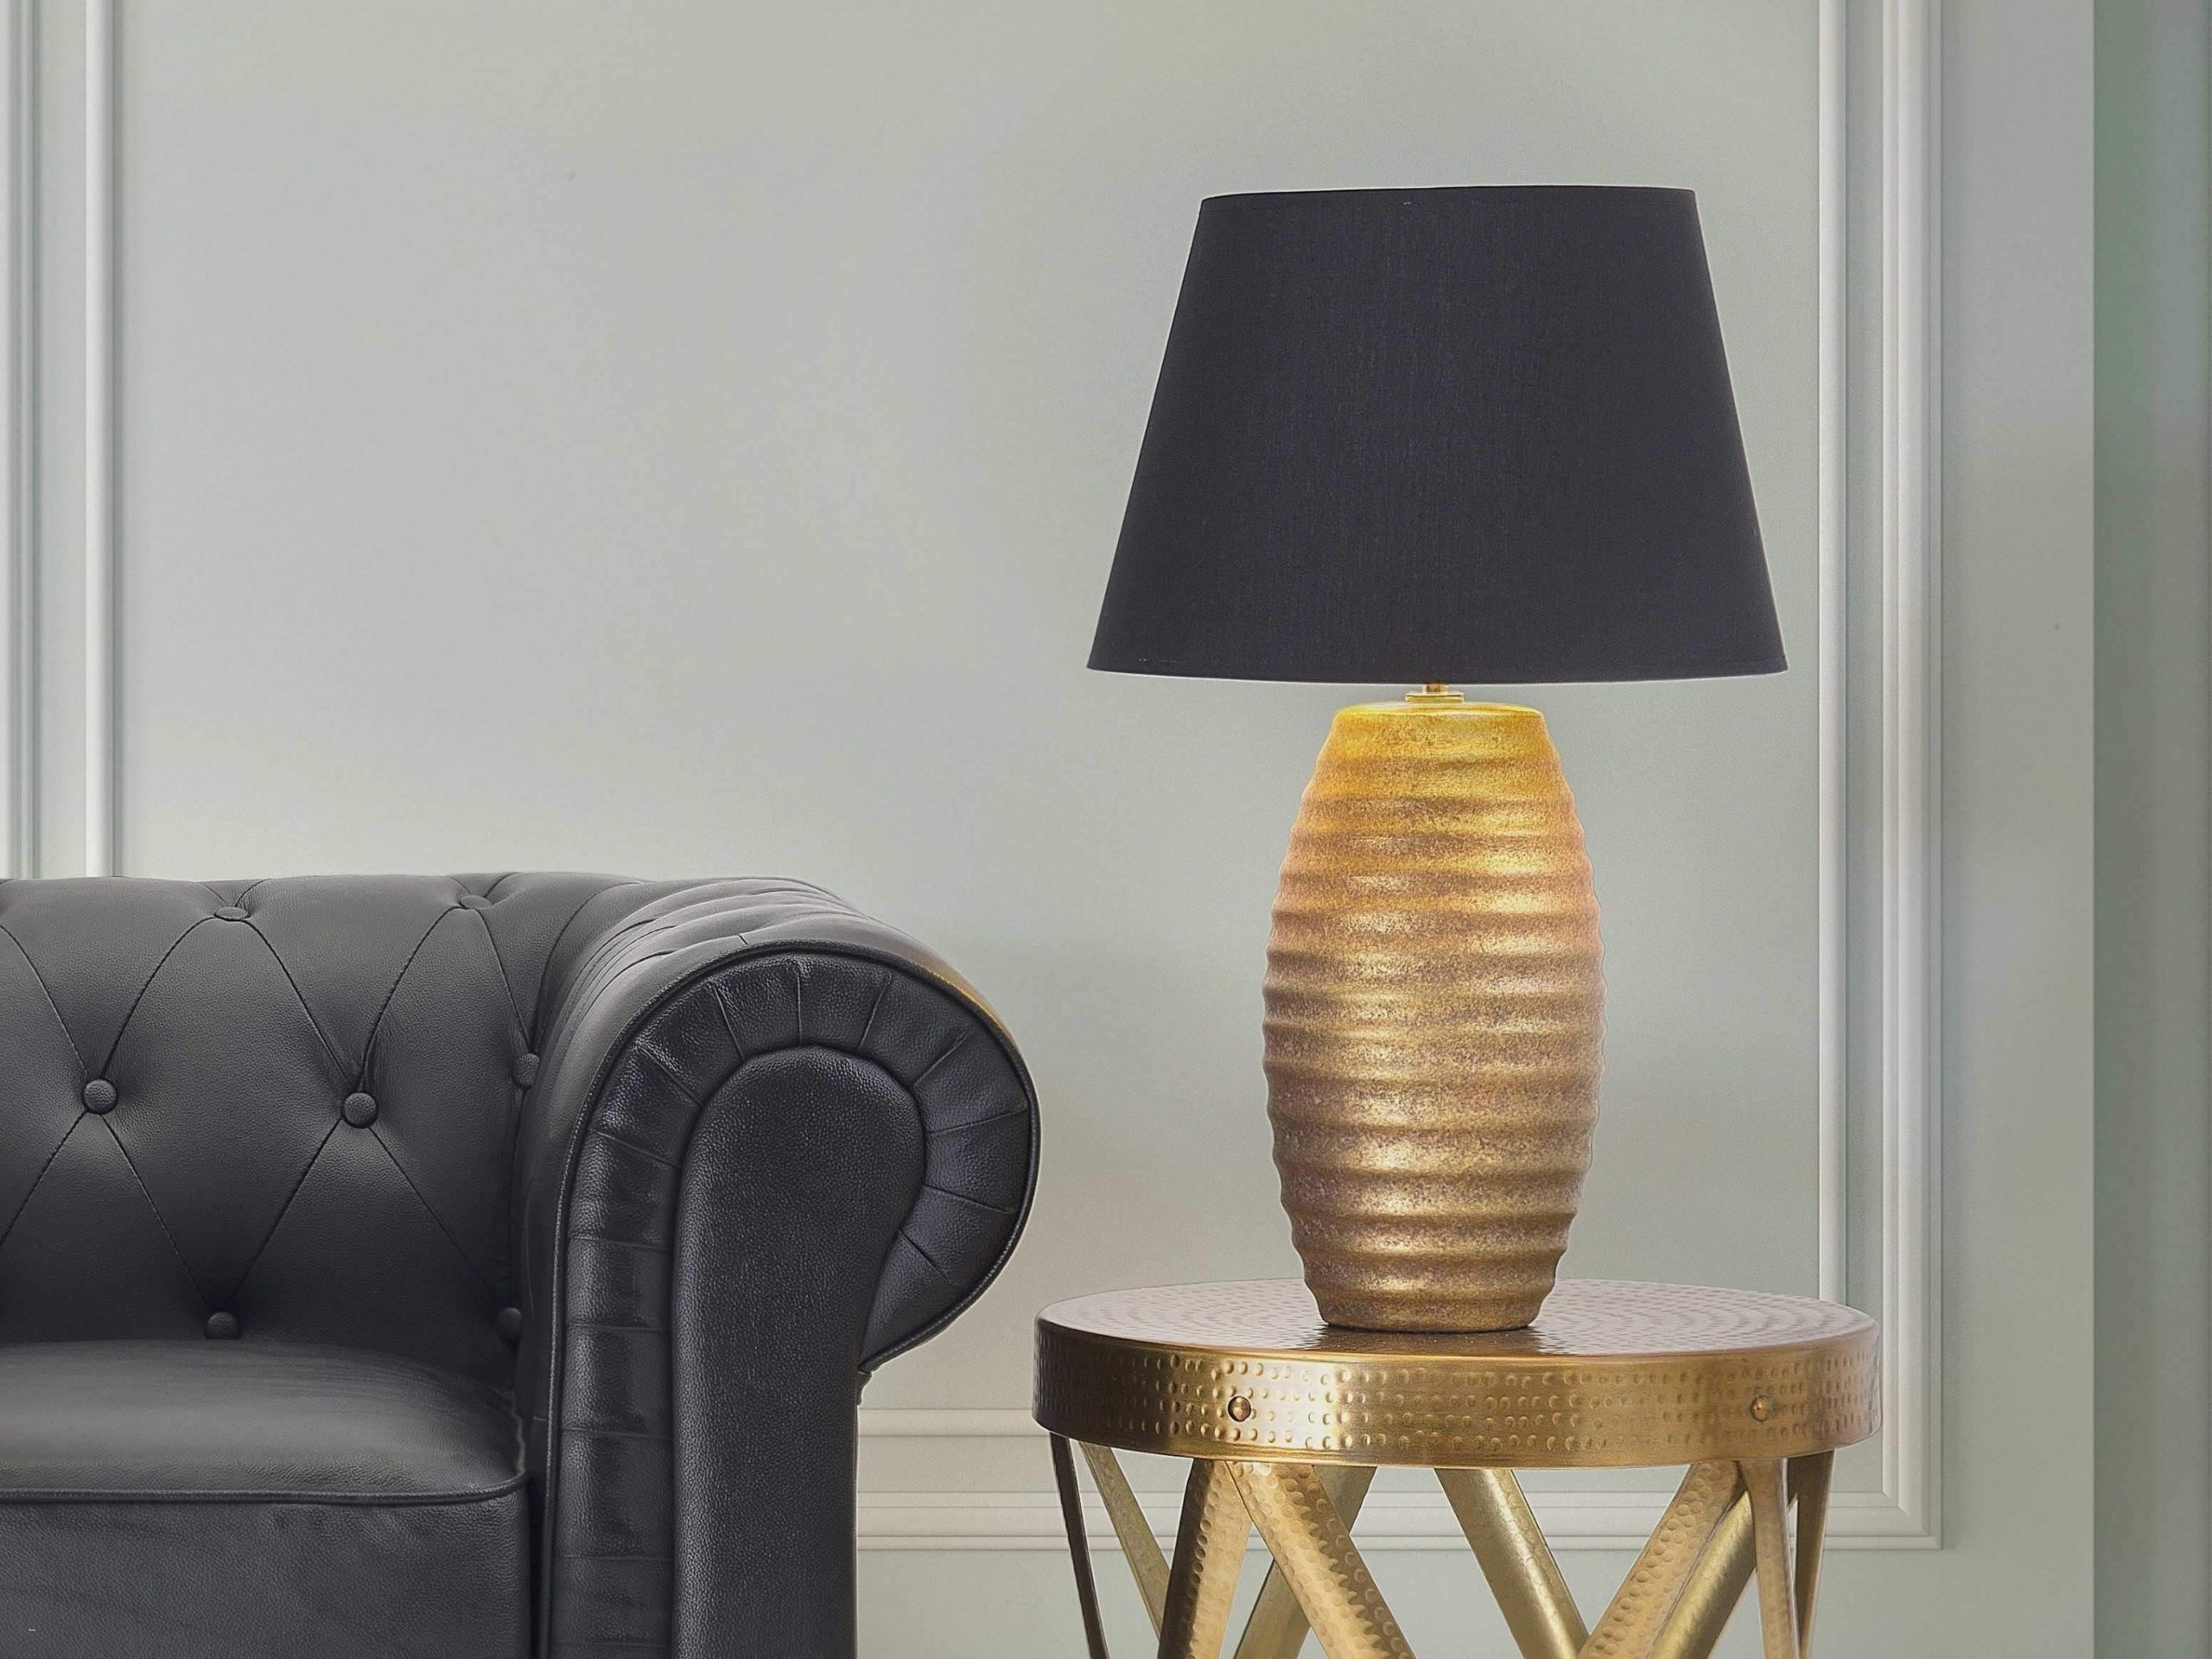 Full Size of Bogenlampe Esstisch Wohnzimmer Inspirierend Deckenlampe Großer Landhaus Vintage Massiv Modern Glas Lampen Moderne Esstische Designer Günstig Massivholz Esstische Bogenlampe Esstisch